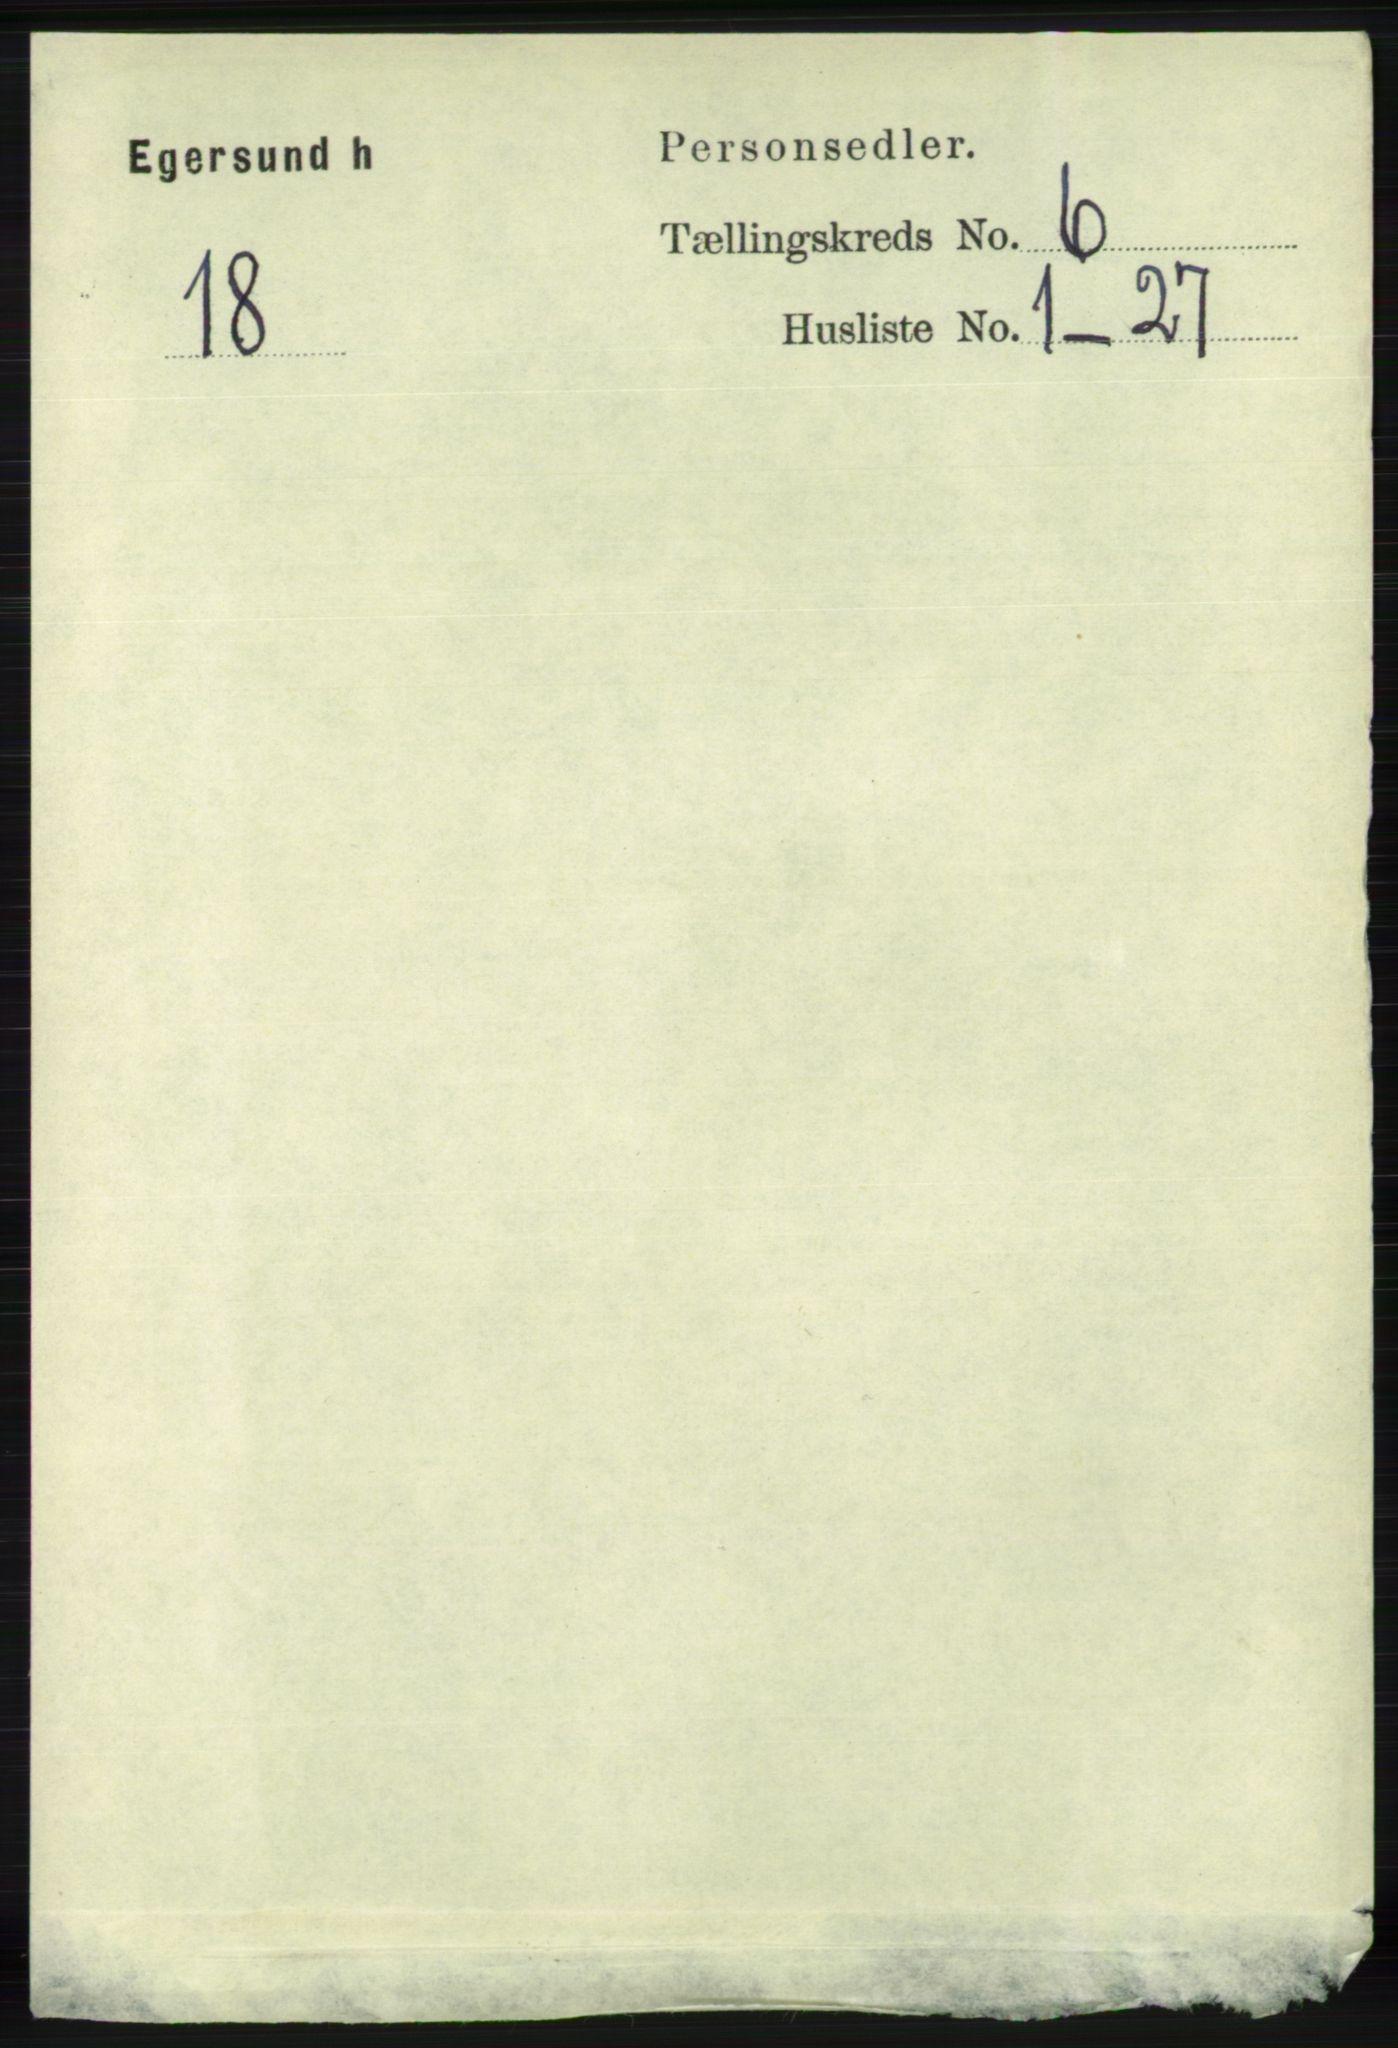 RA, Folketelling 1891 for 1116 Eigersund herred, 1891, s. 2273